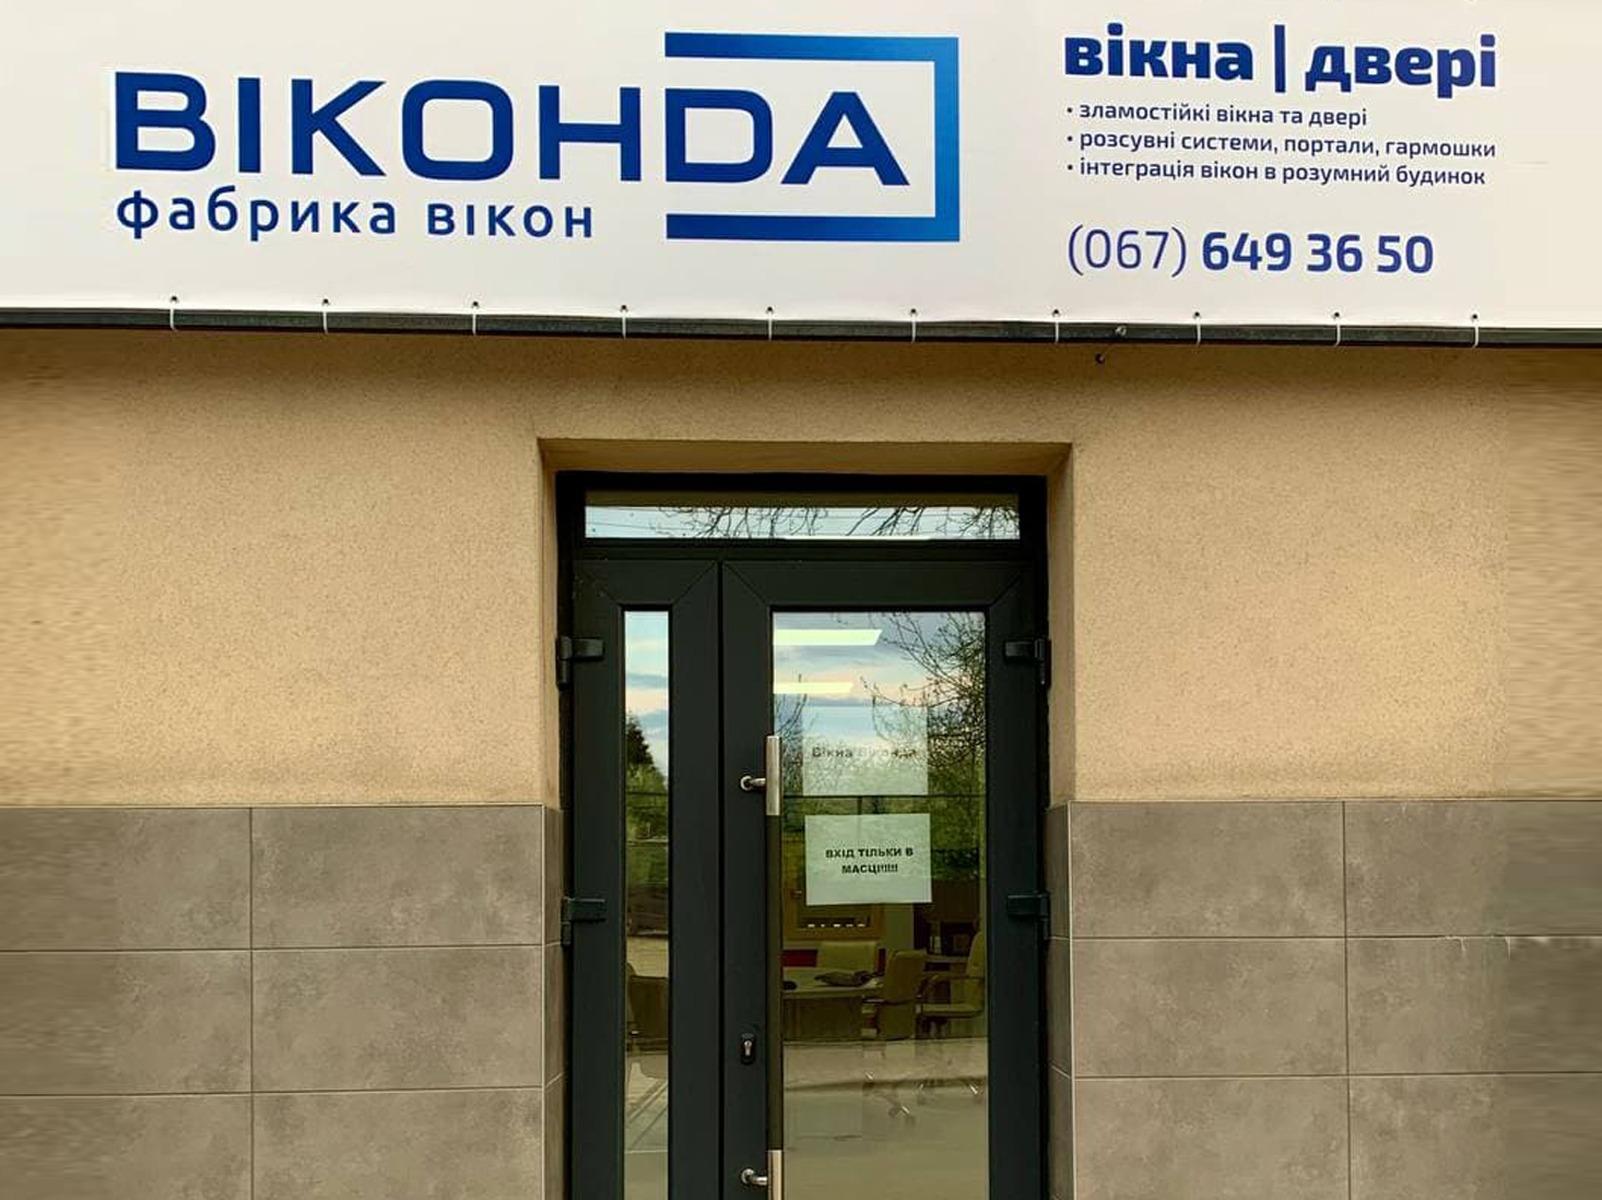 салон Віконда в Івано-Франківську